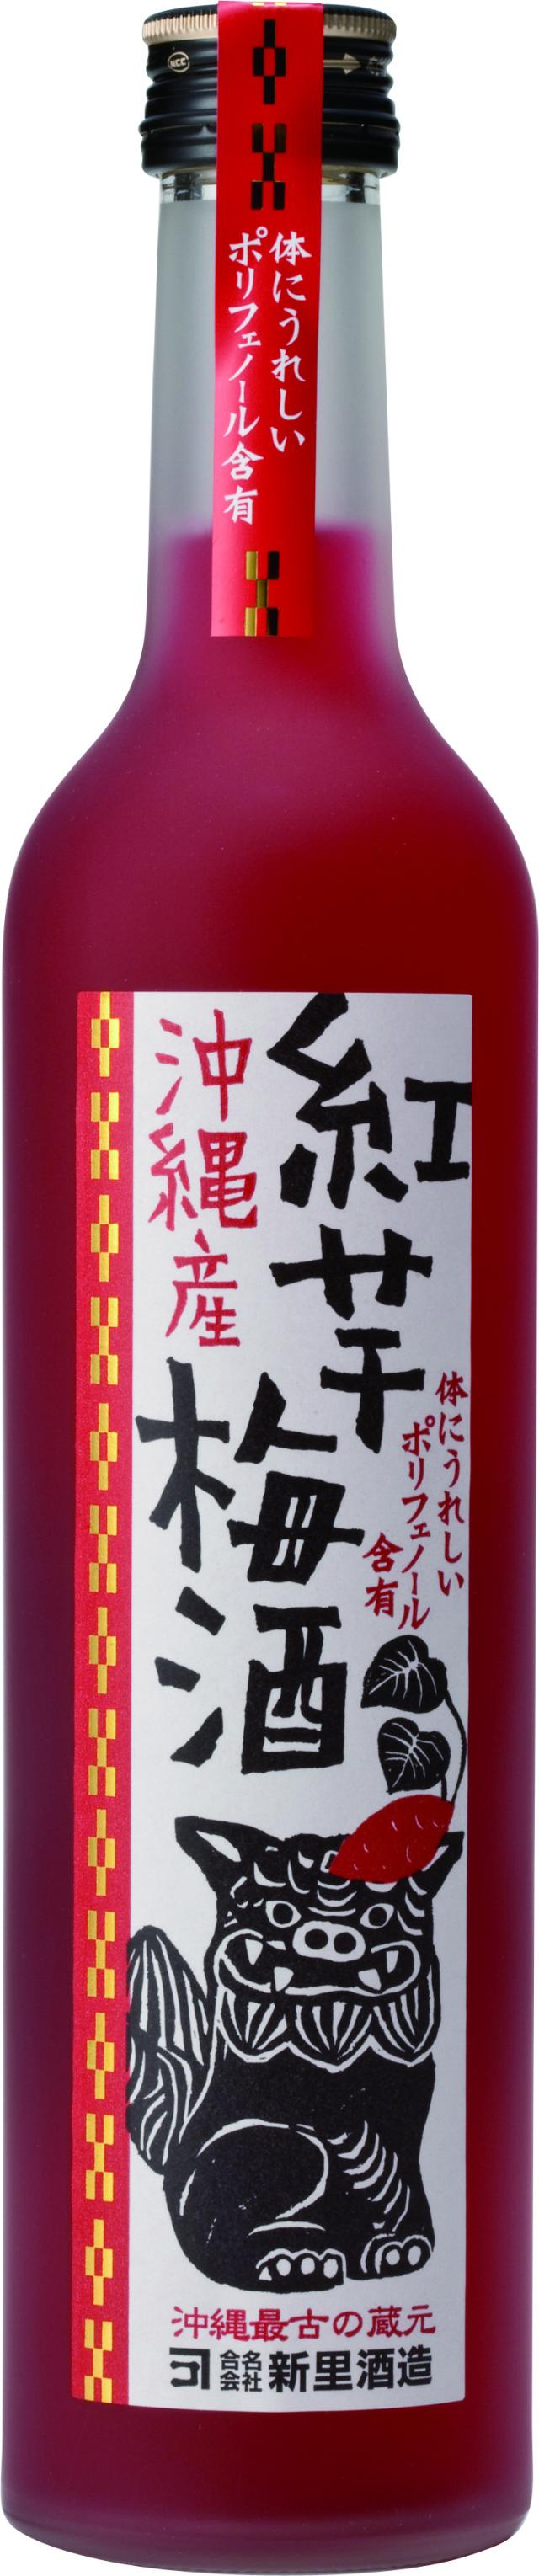 新里酒造 紅芋梅酒 12度 500ml